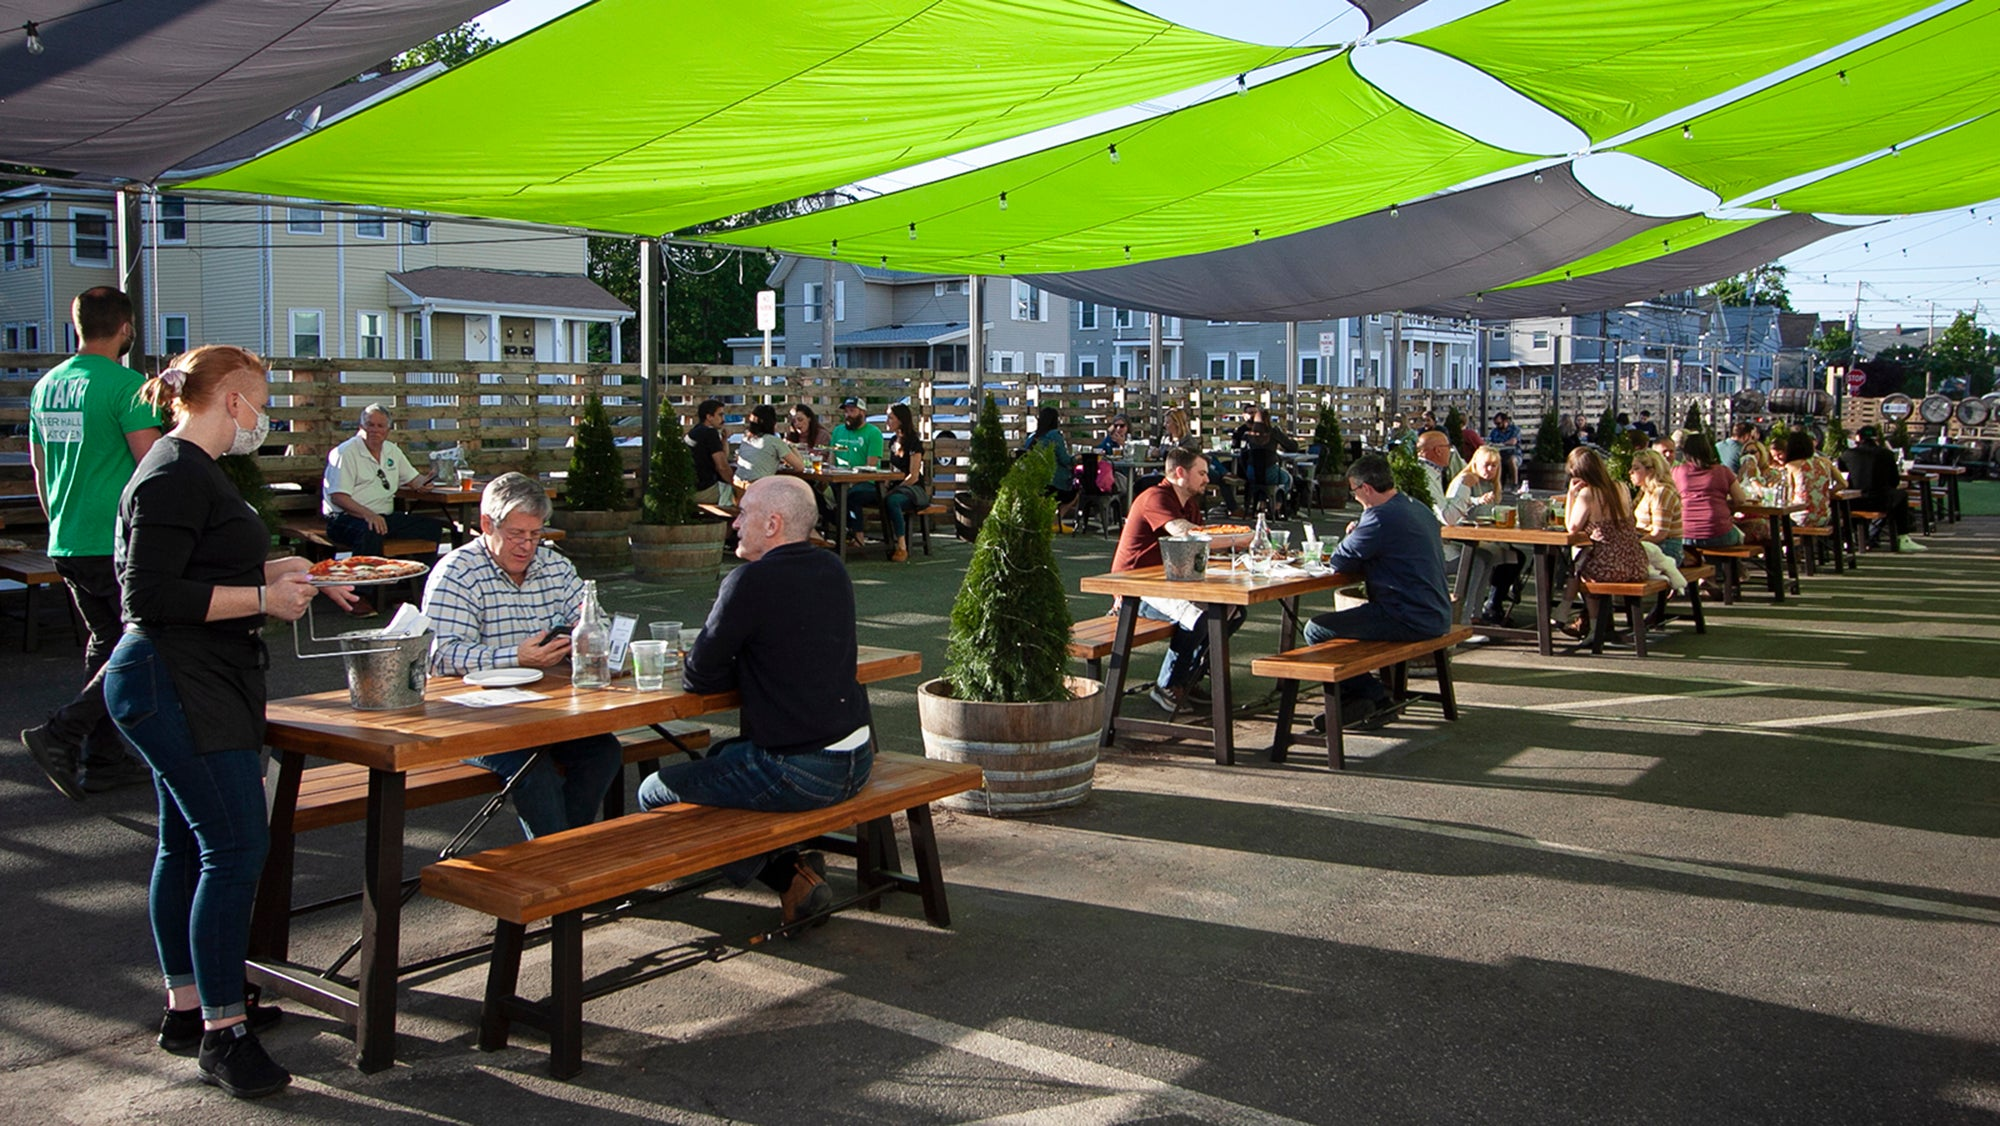 Jack's Abby Beer Garden